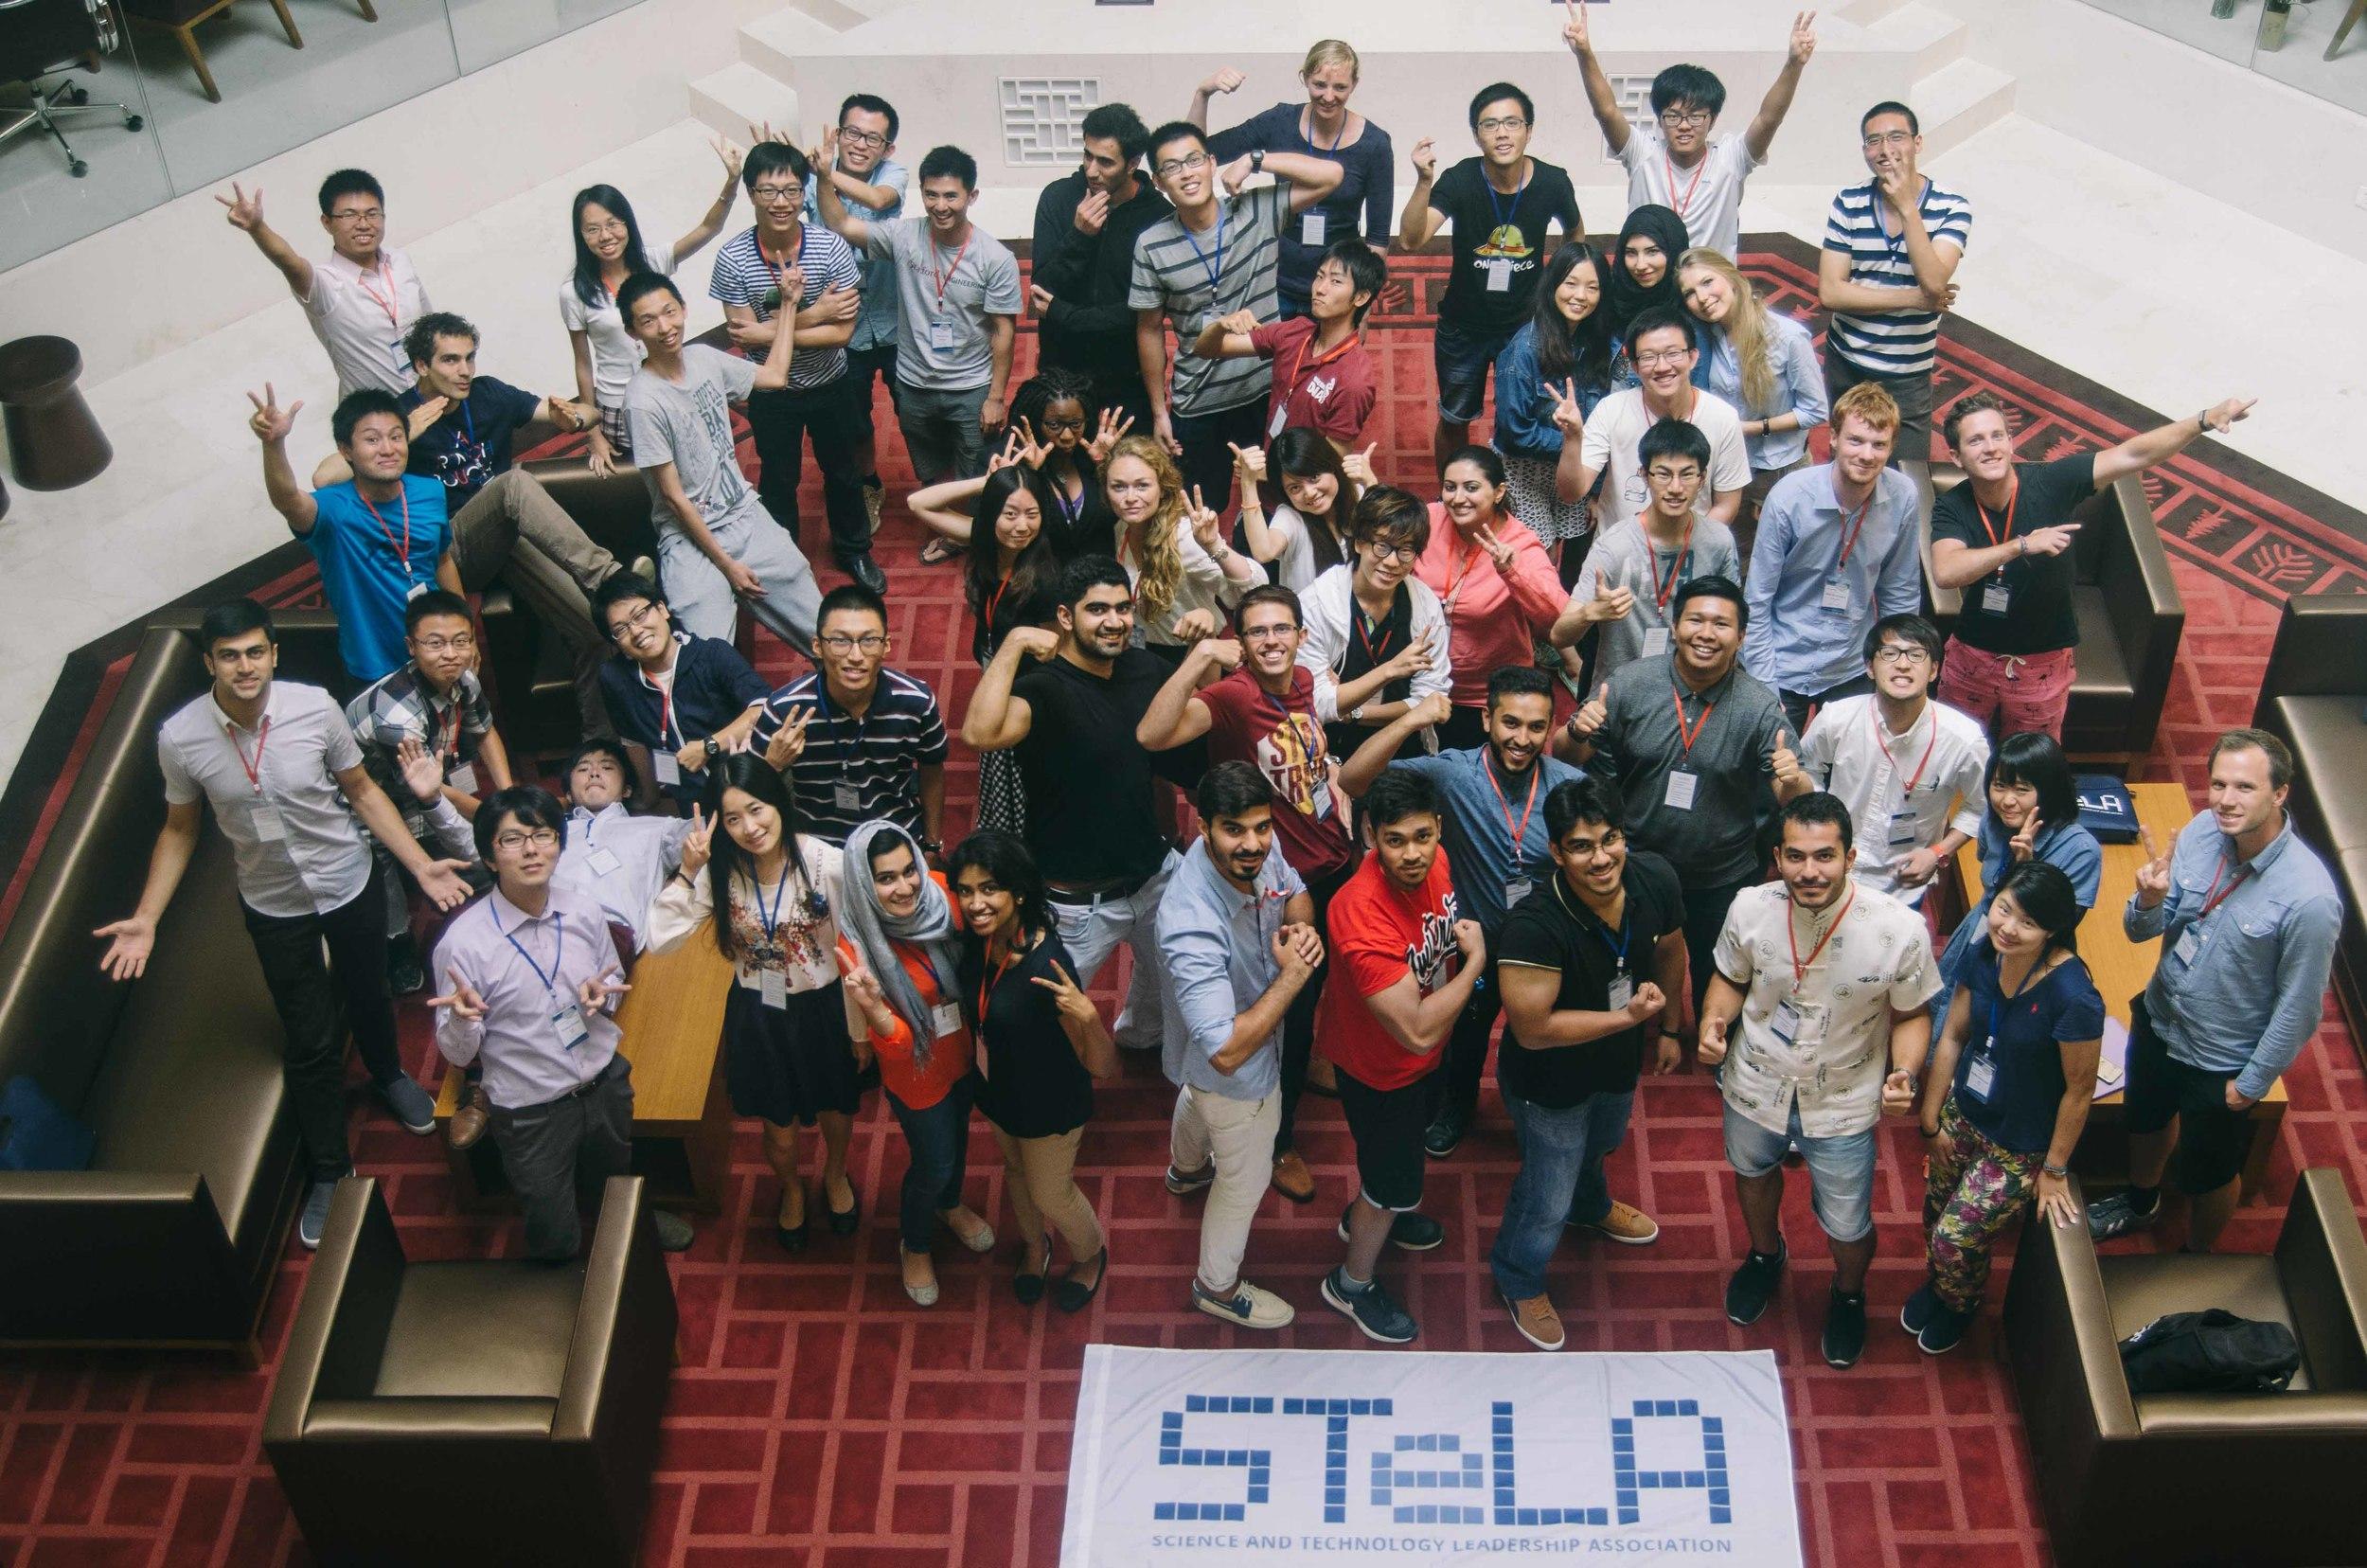 北京大学スタンフォードセンターにて。